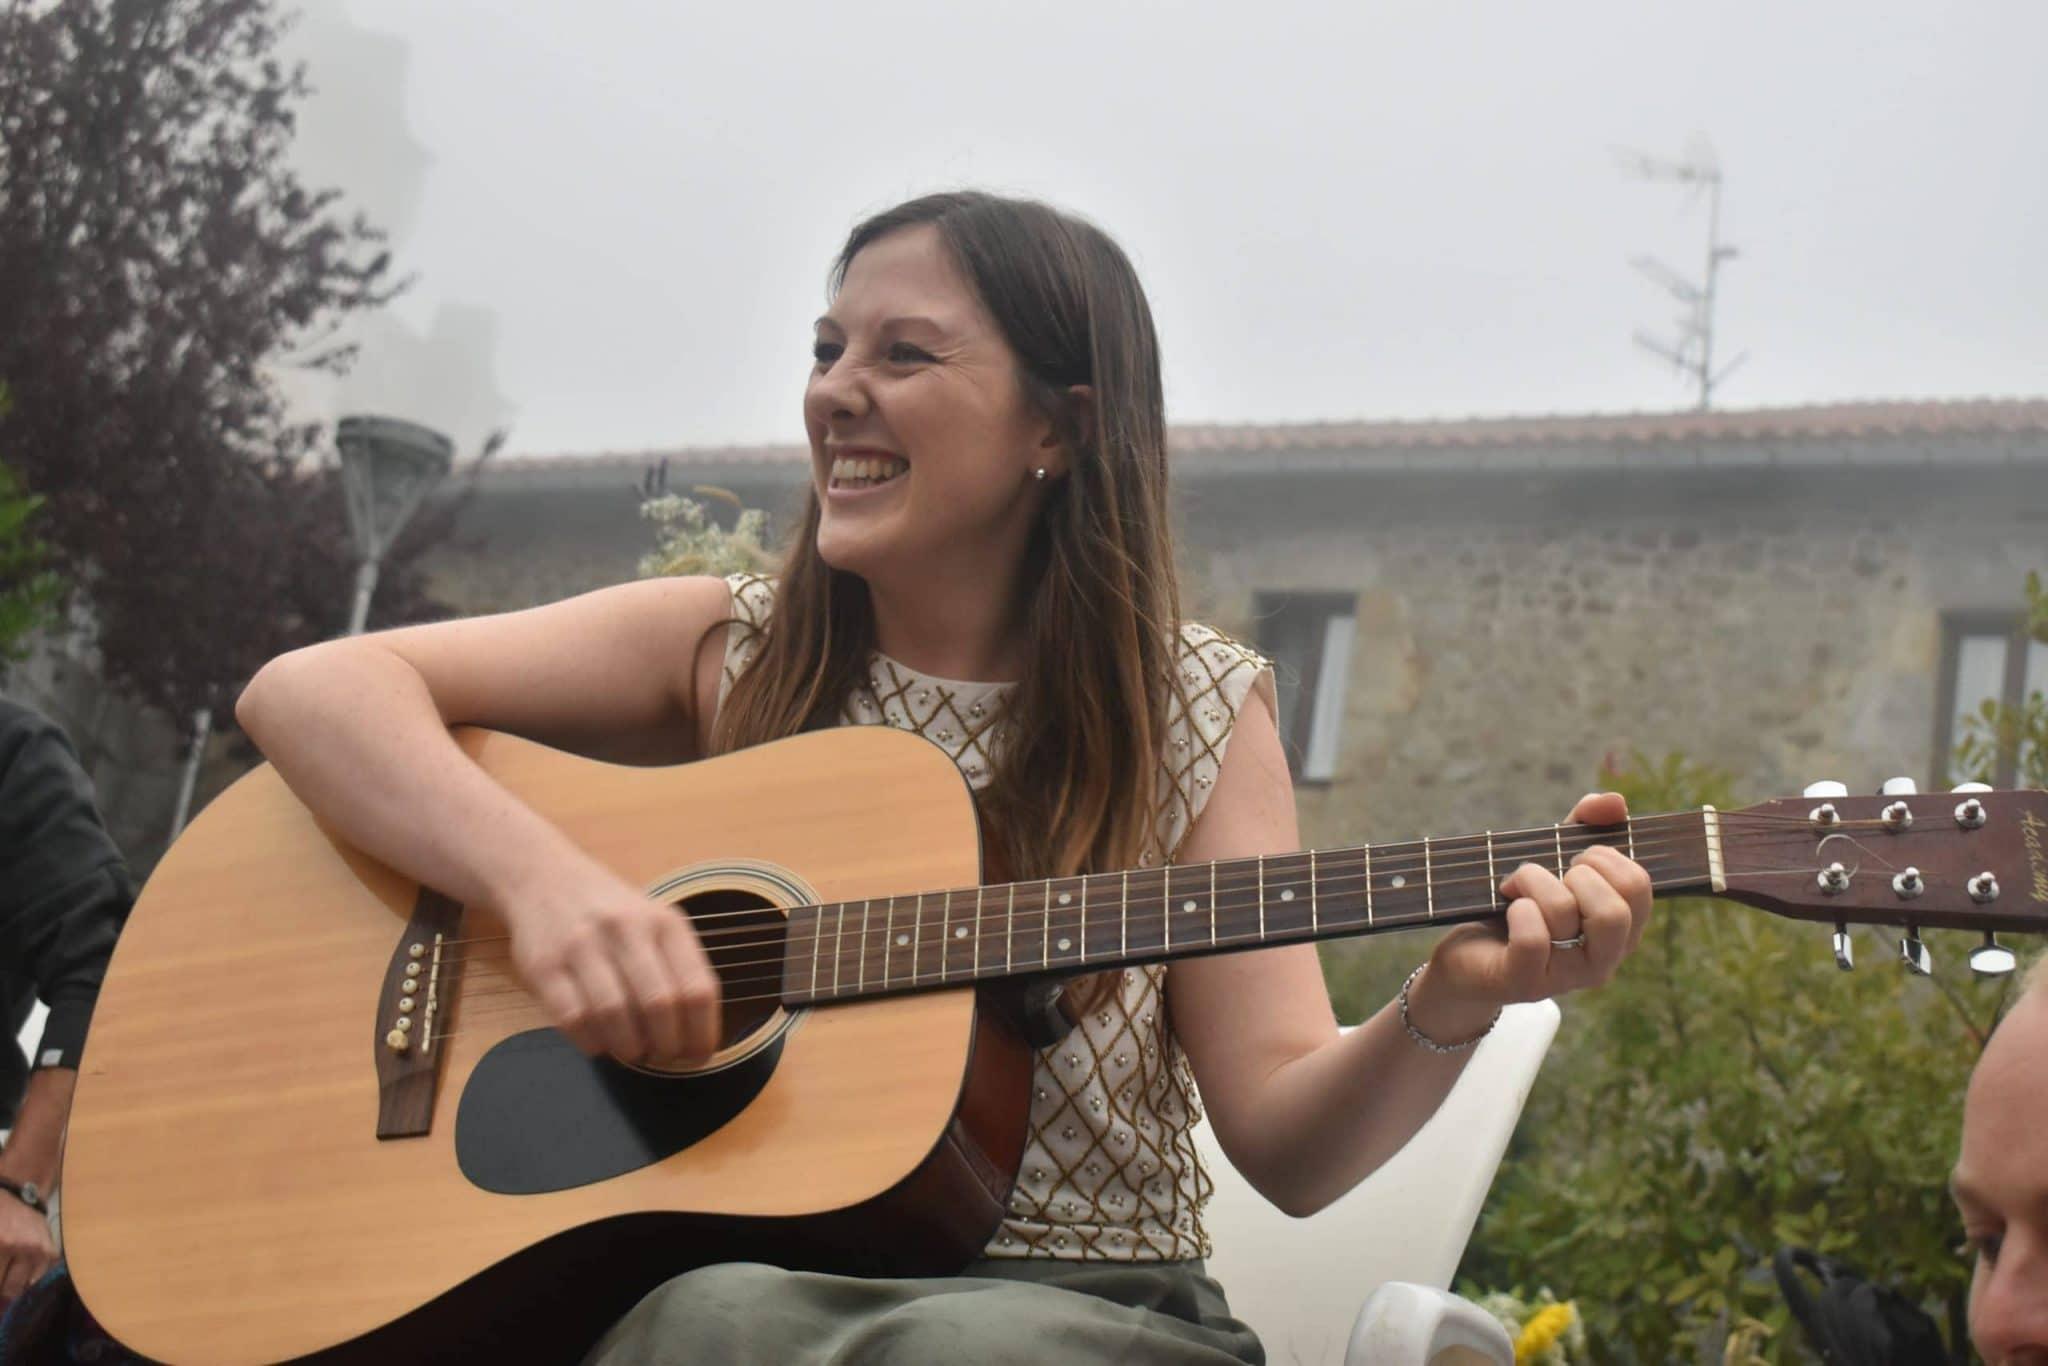 Sio tocando la guitarra